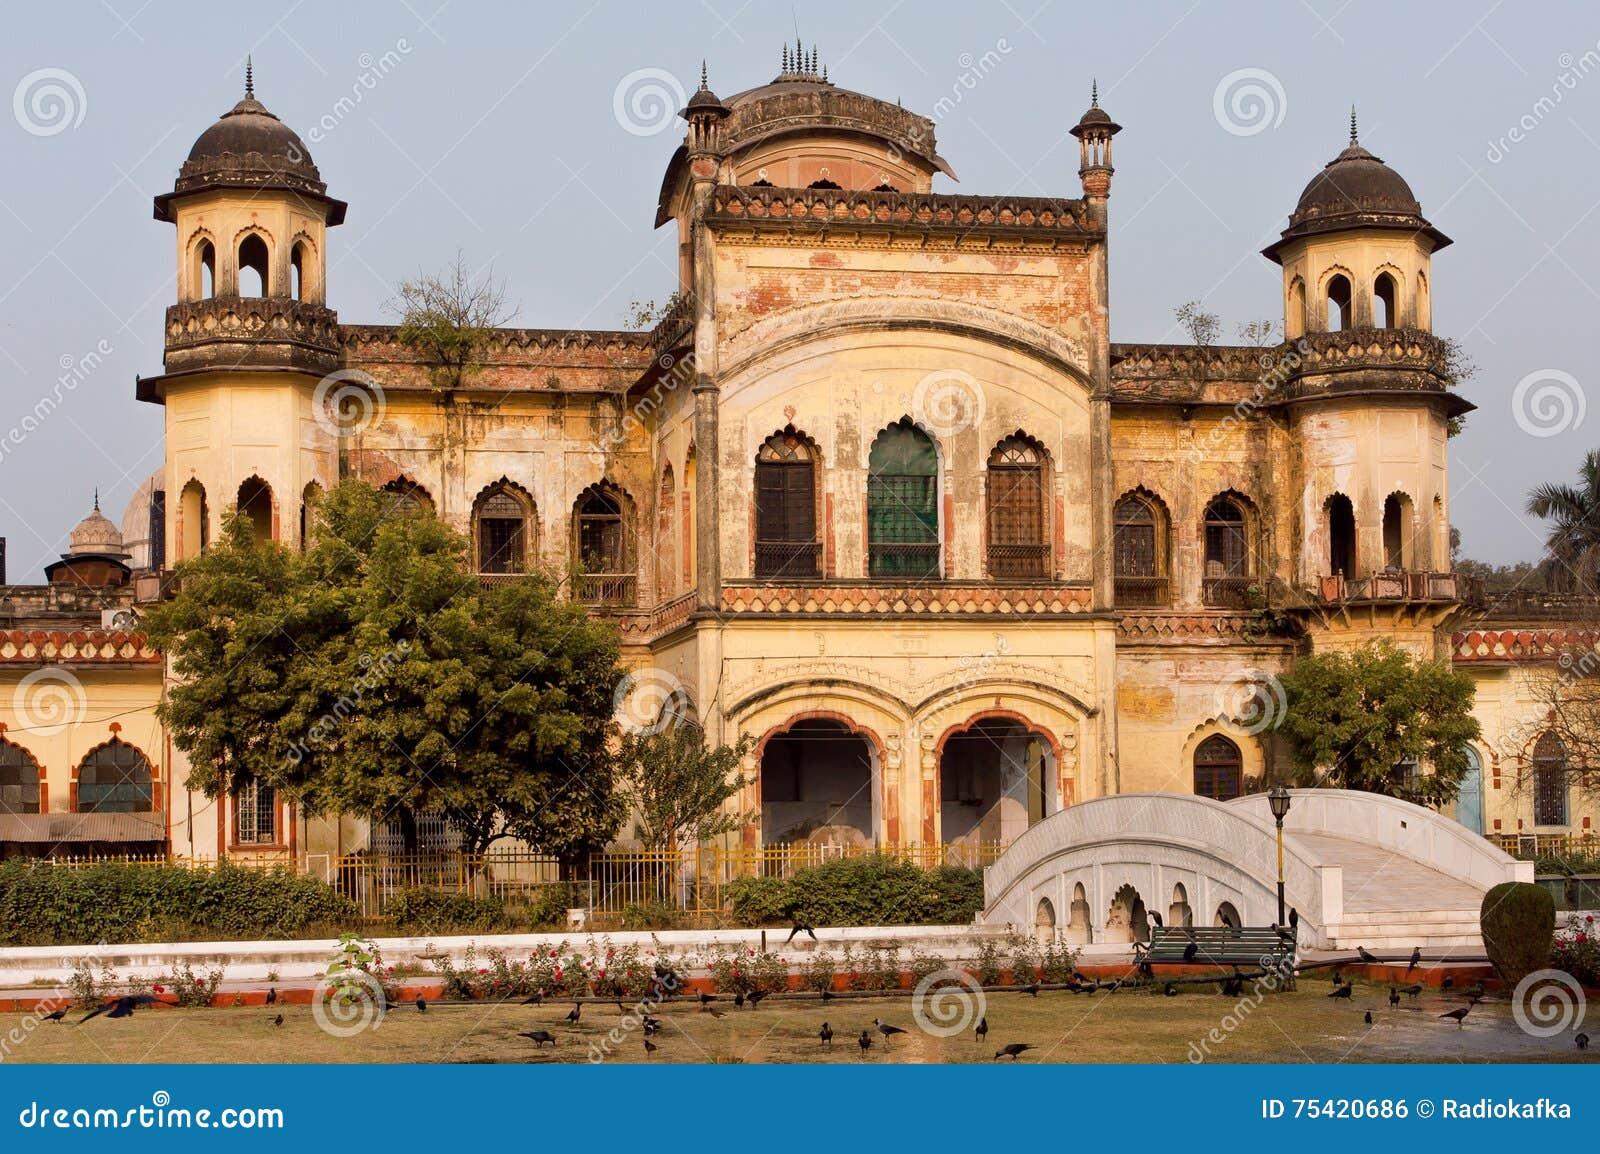 Vieux murs du bâtiment dans le style architectural de Mughal de Lucknow, Inde